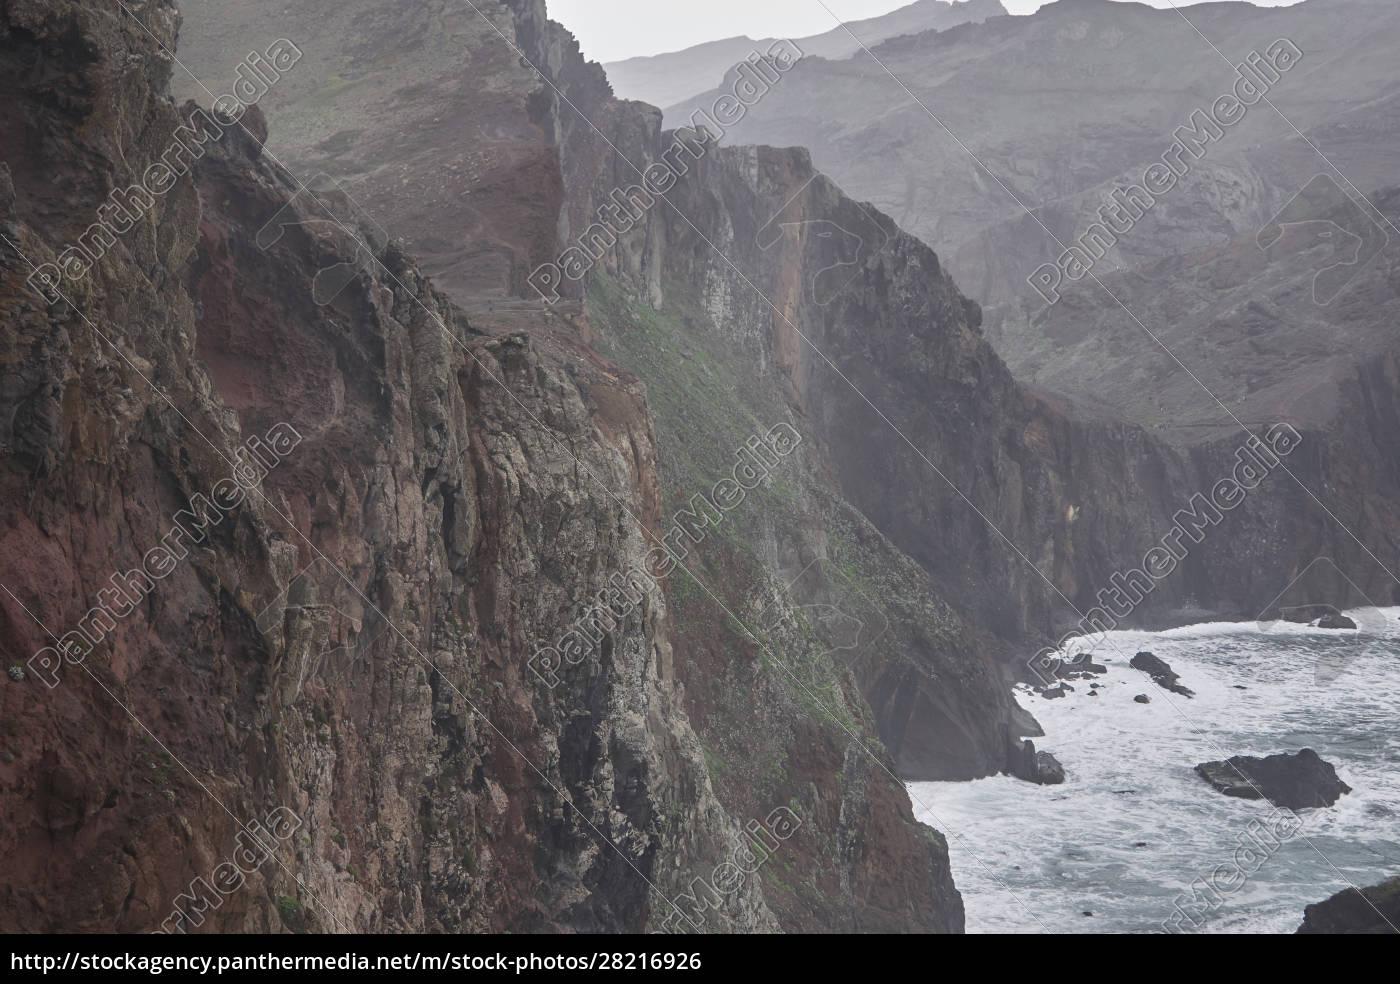 porto moniz, pico de arieiro, paul da serra, madeira, highplateau, meadow - 28216926